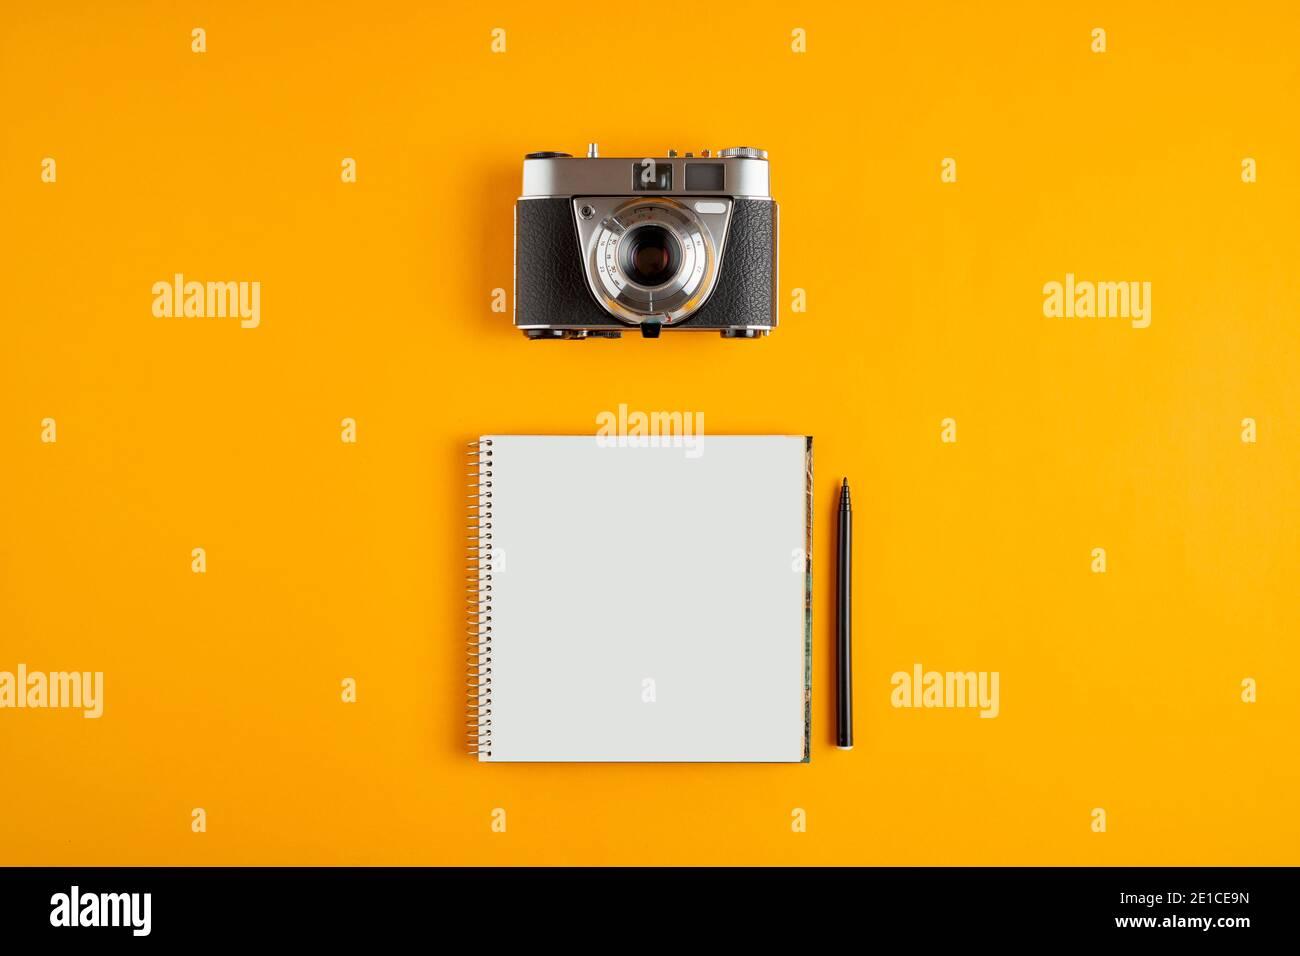 Cámara analógica de época con un cuaderno espiral en blanco sobre fondo amarillo con espacio de copia. Foto de stock